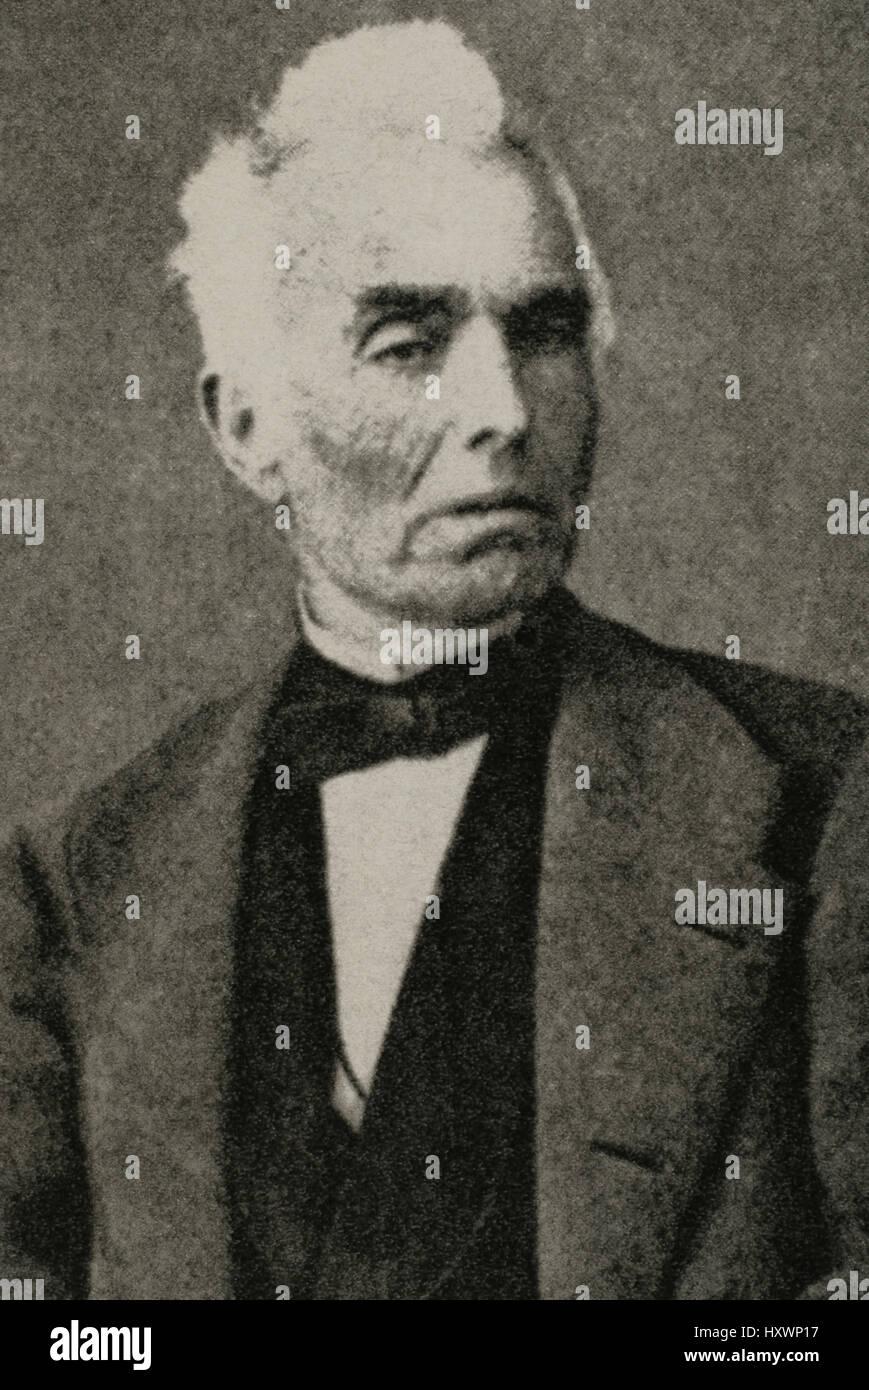 Manuel Gibert Sans (1795-1873). Catalán y abogado militar. Retrato. Grabado. Foto de stock